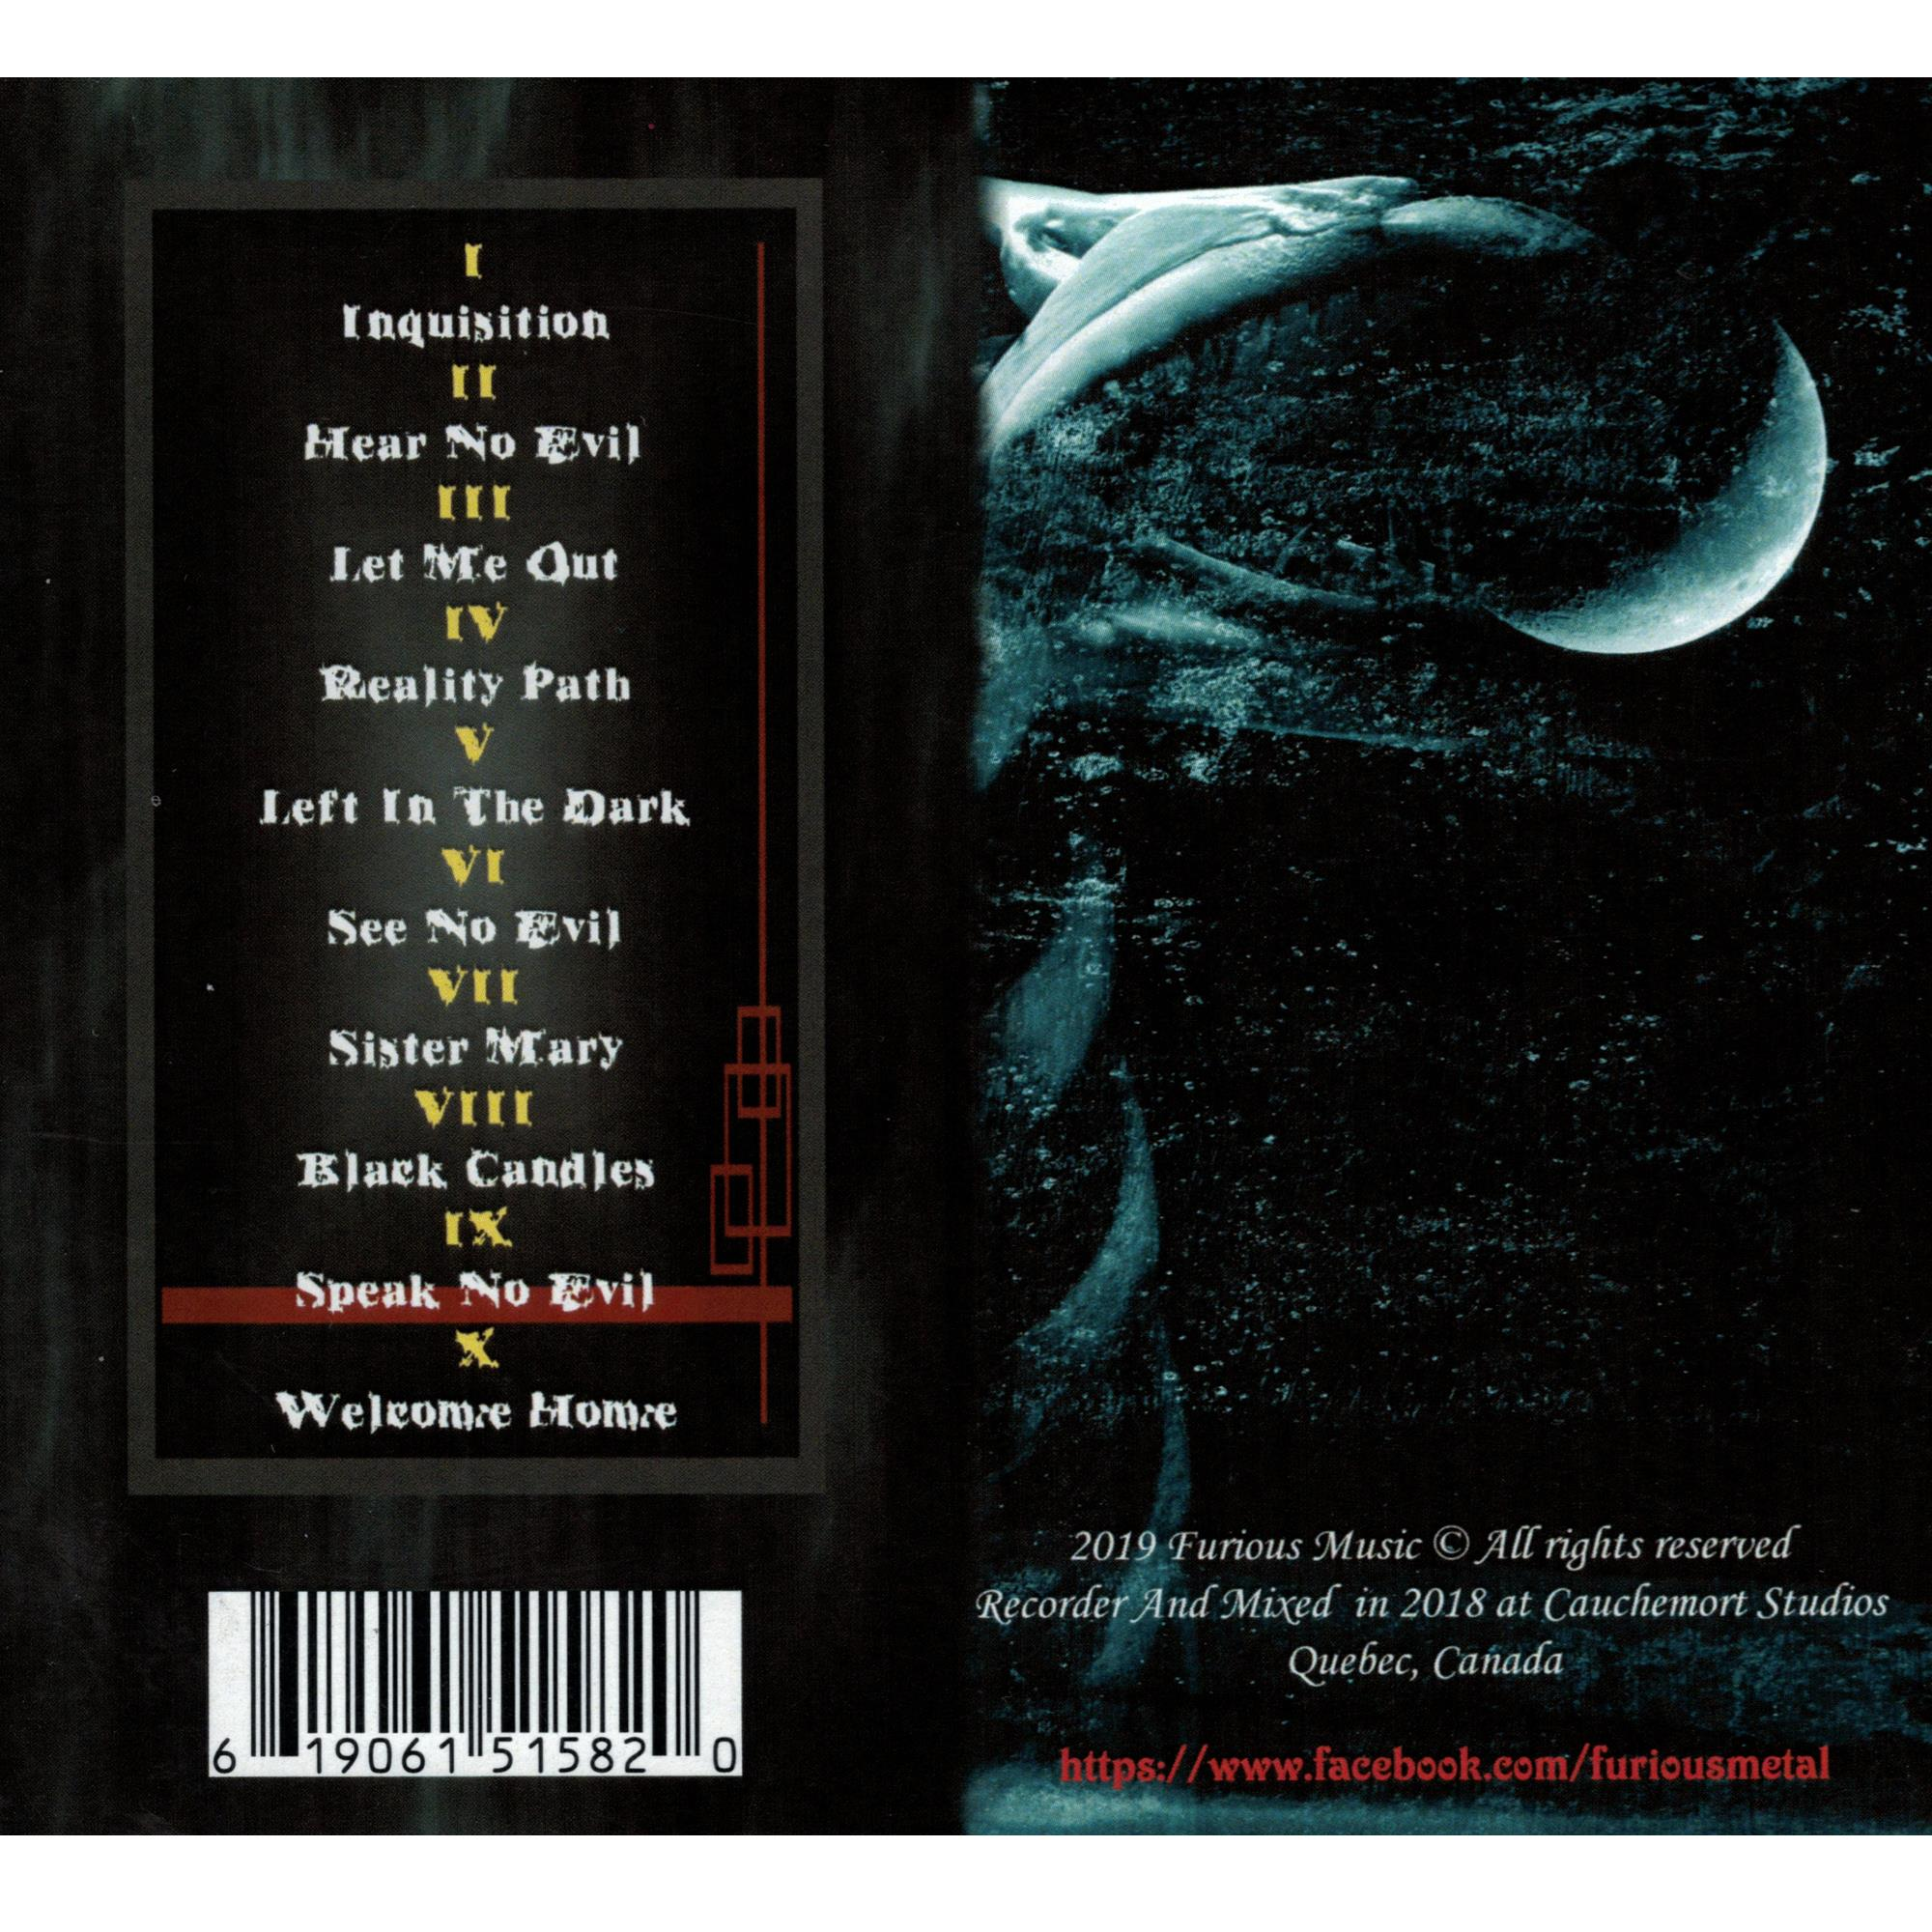 Cauchemort CD